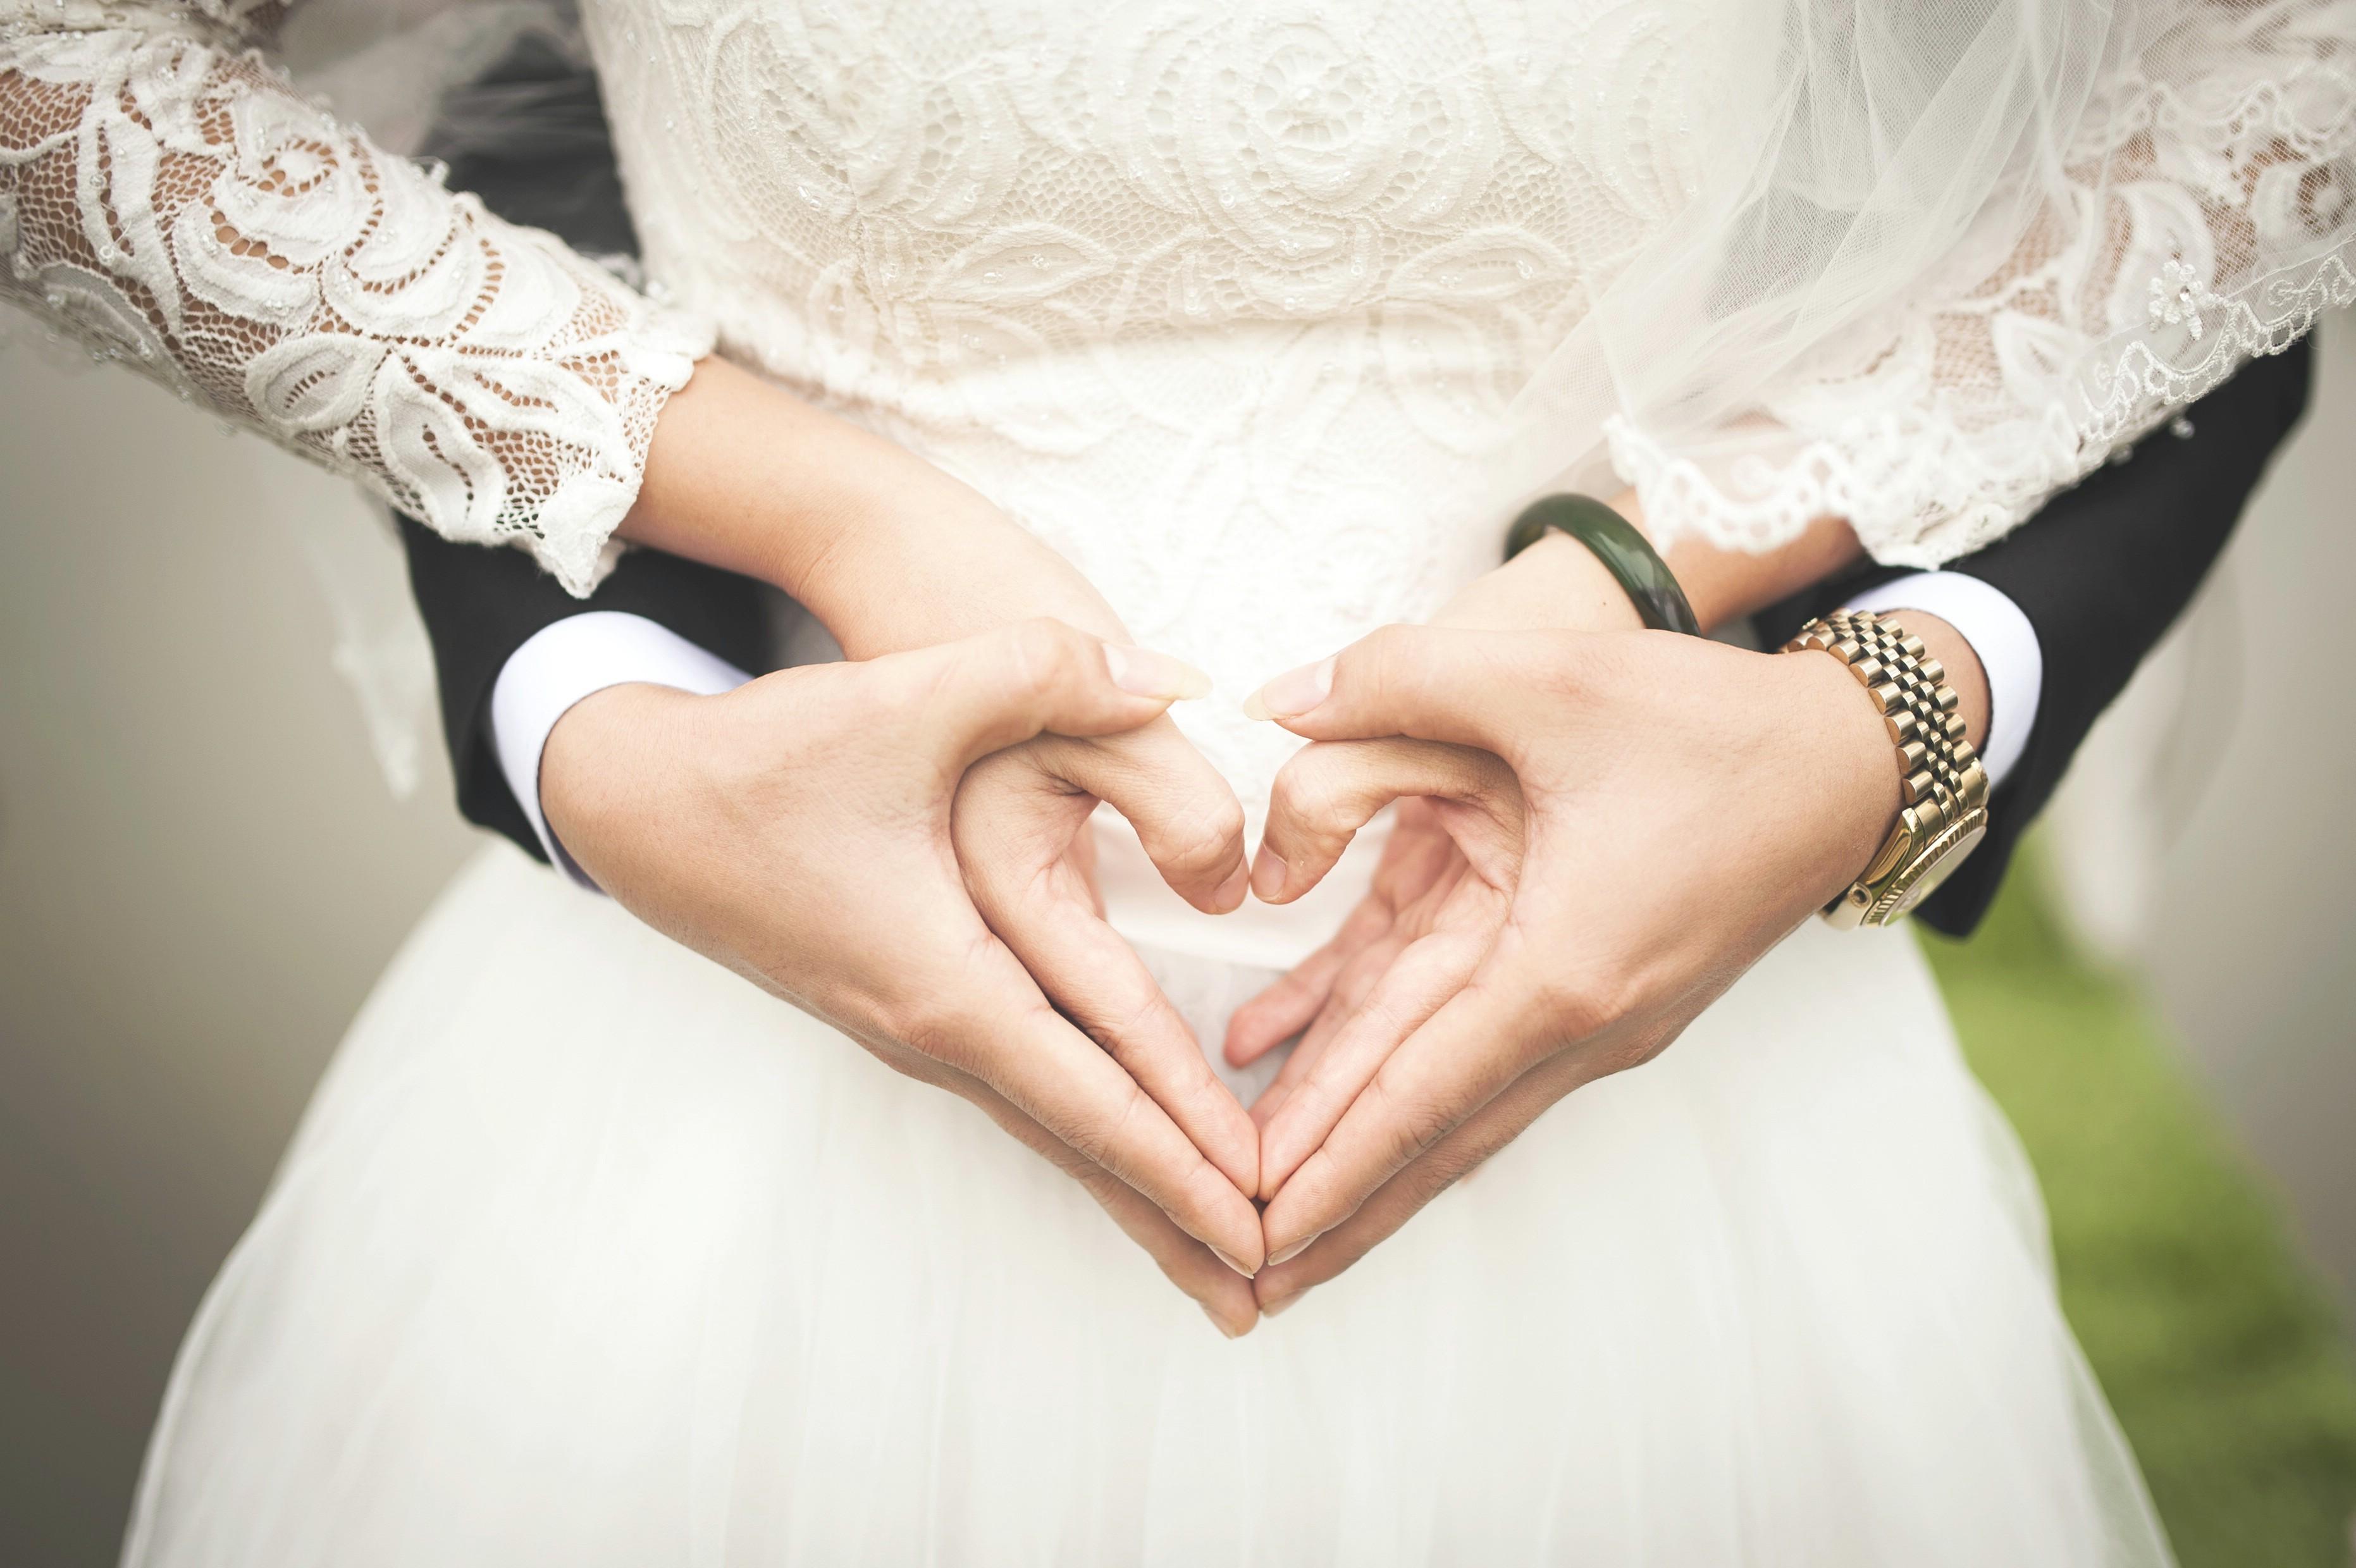 Những 'kẻ thù' của hôn nhân nên loại bỏ ngay lập tức kẻo tan nhà nát cửa, vợ chồng con cái ly tán